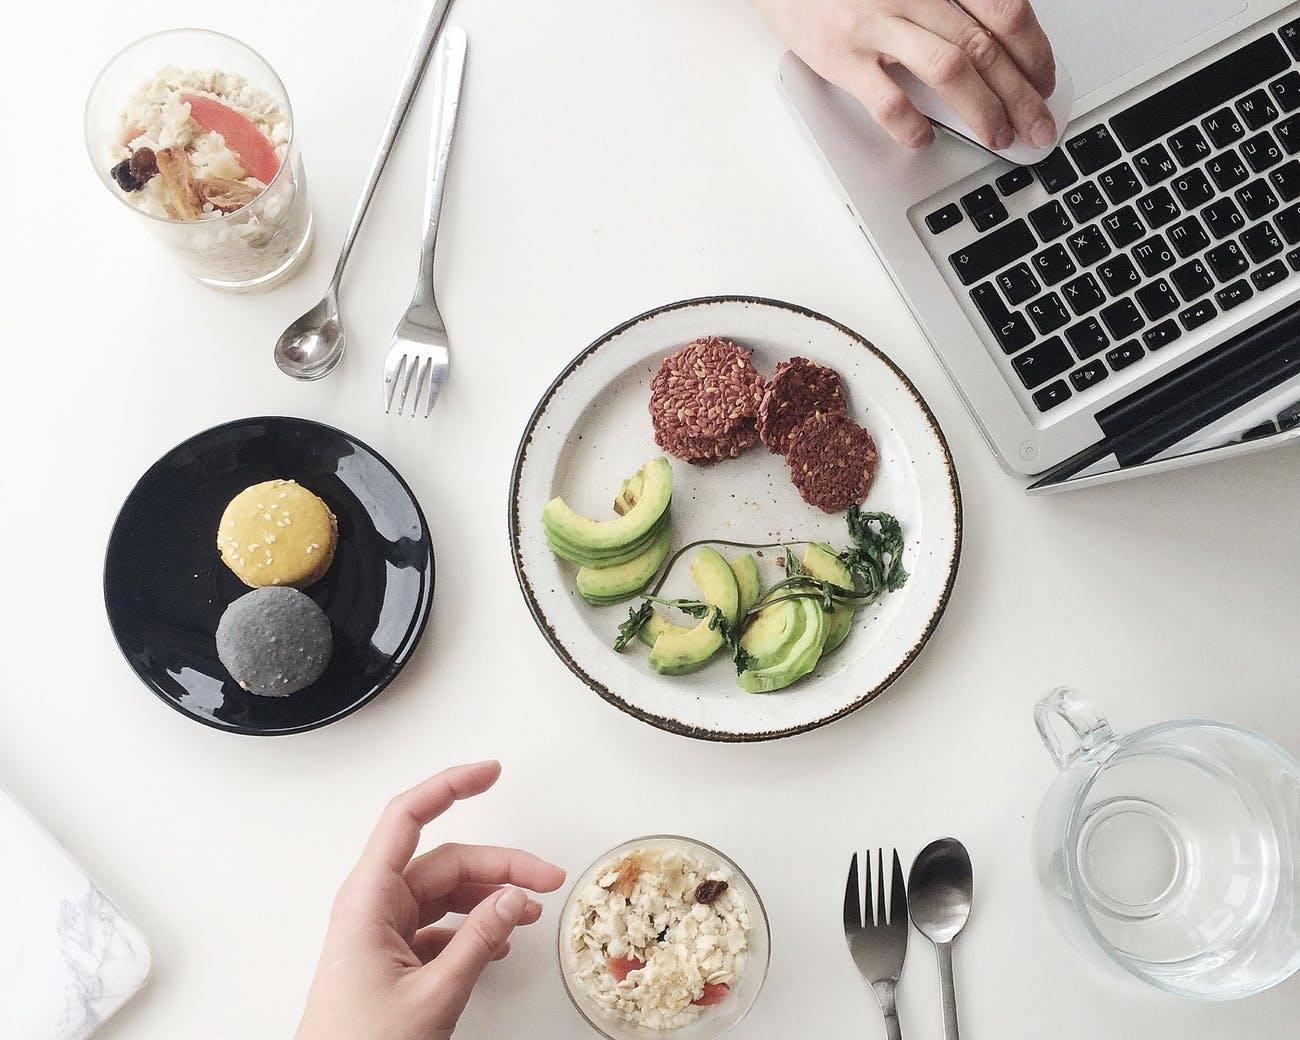 Food delivery anche a lavoro: ecco cosa sceglie chi ordina il pranzo con i colleghi